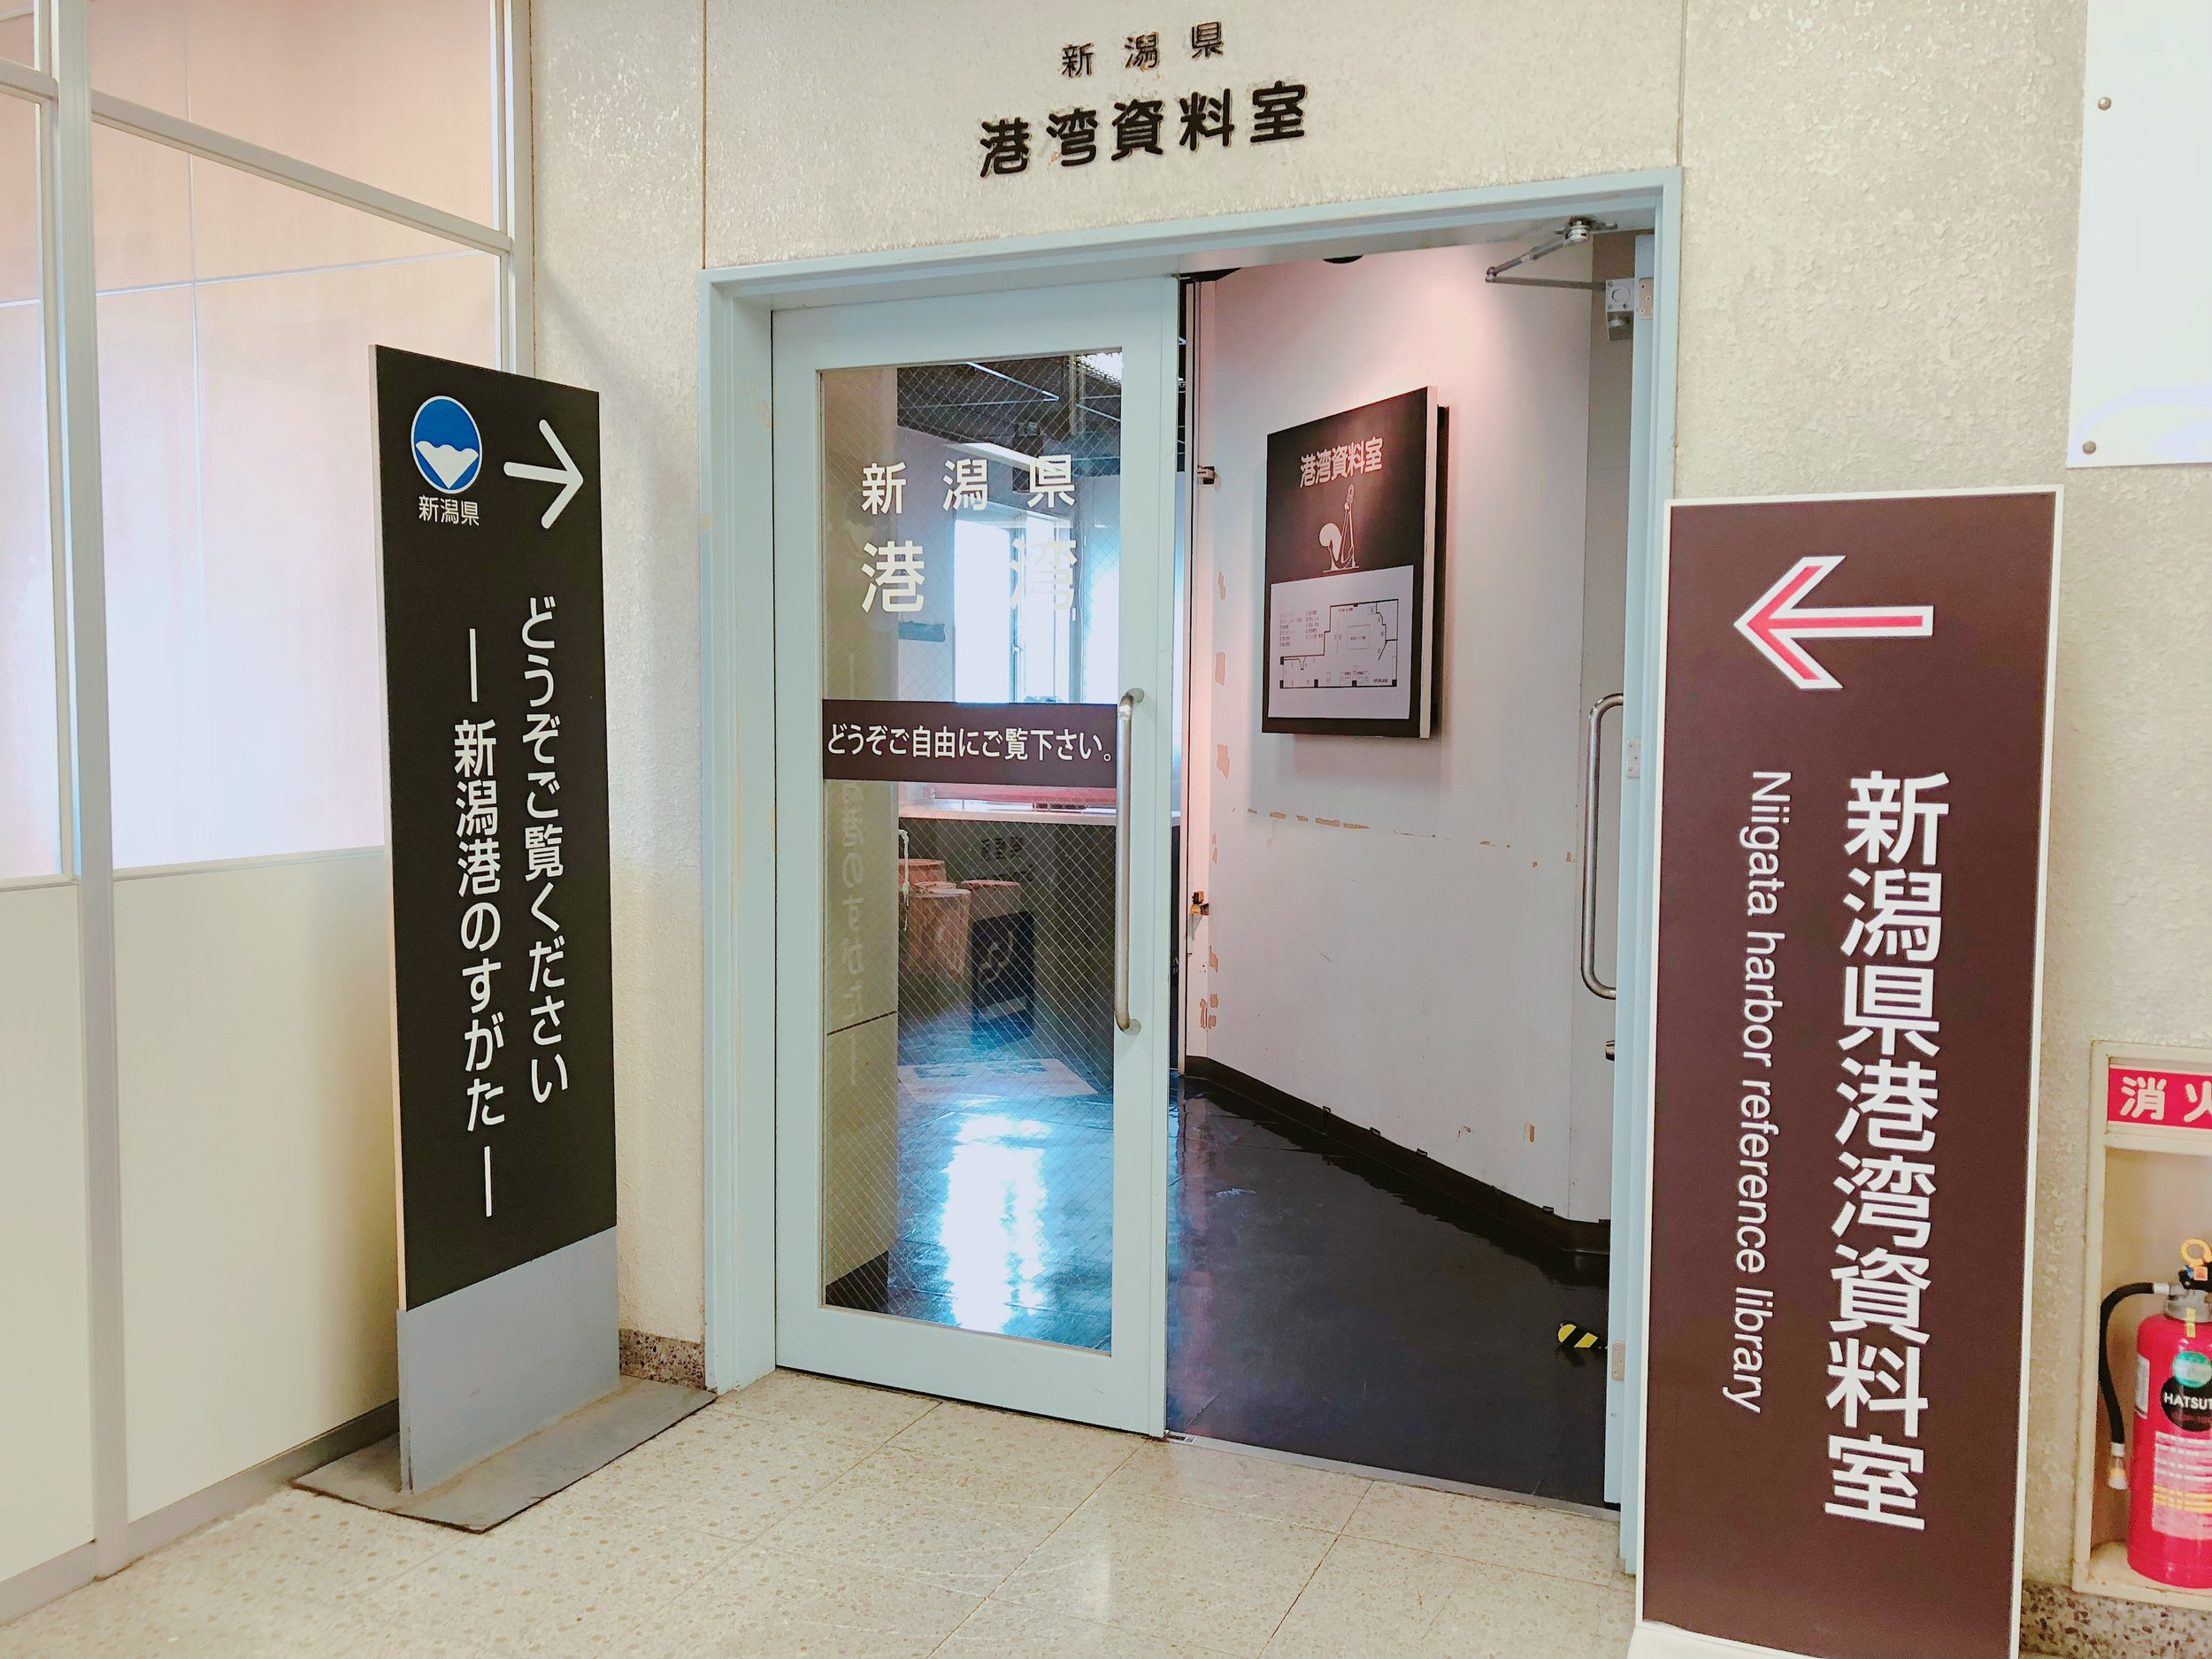 新潟県港湾資料室の入り口